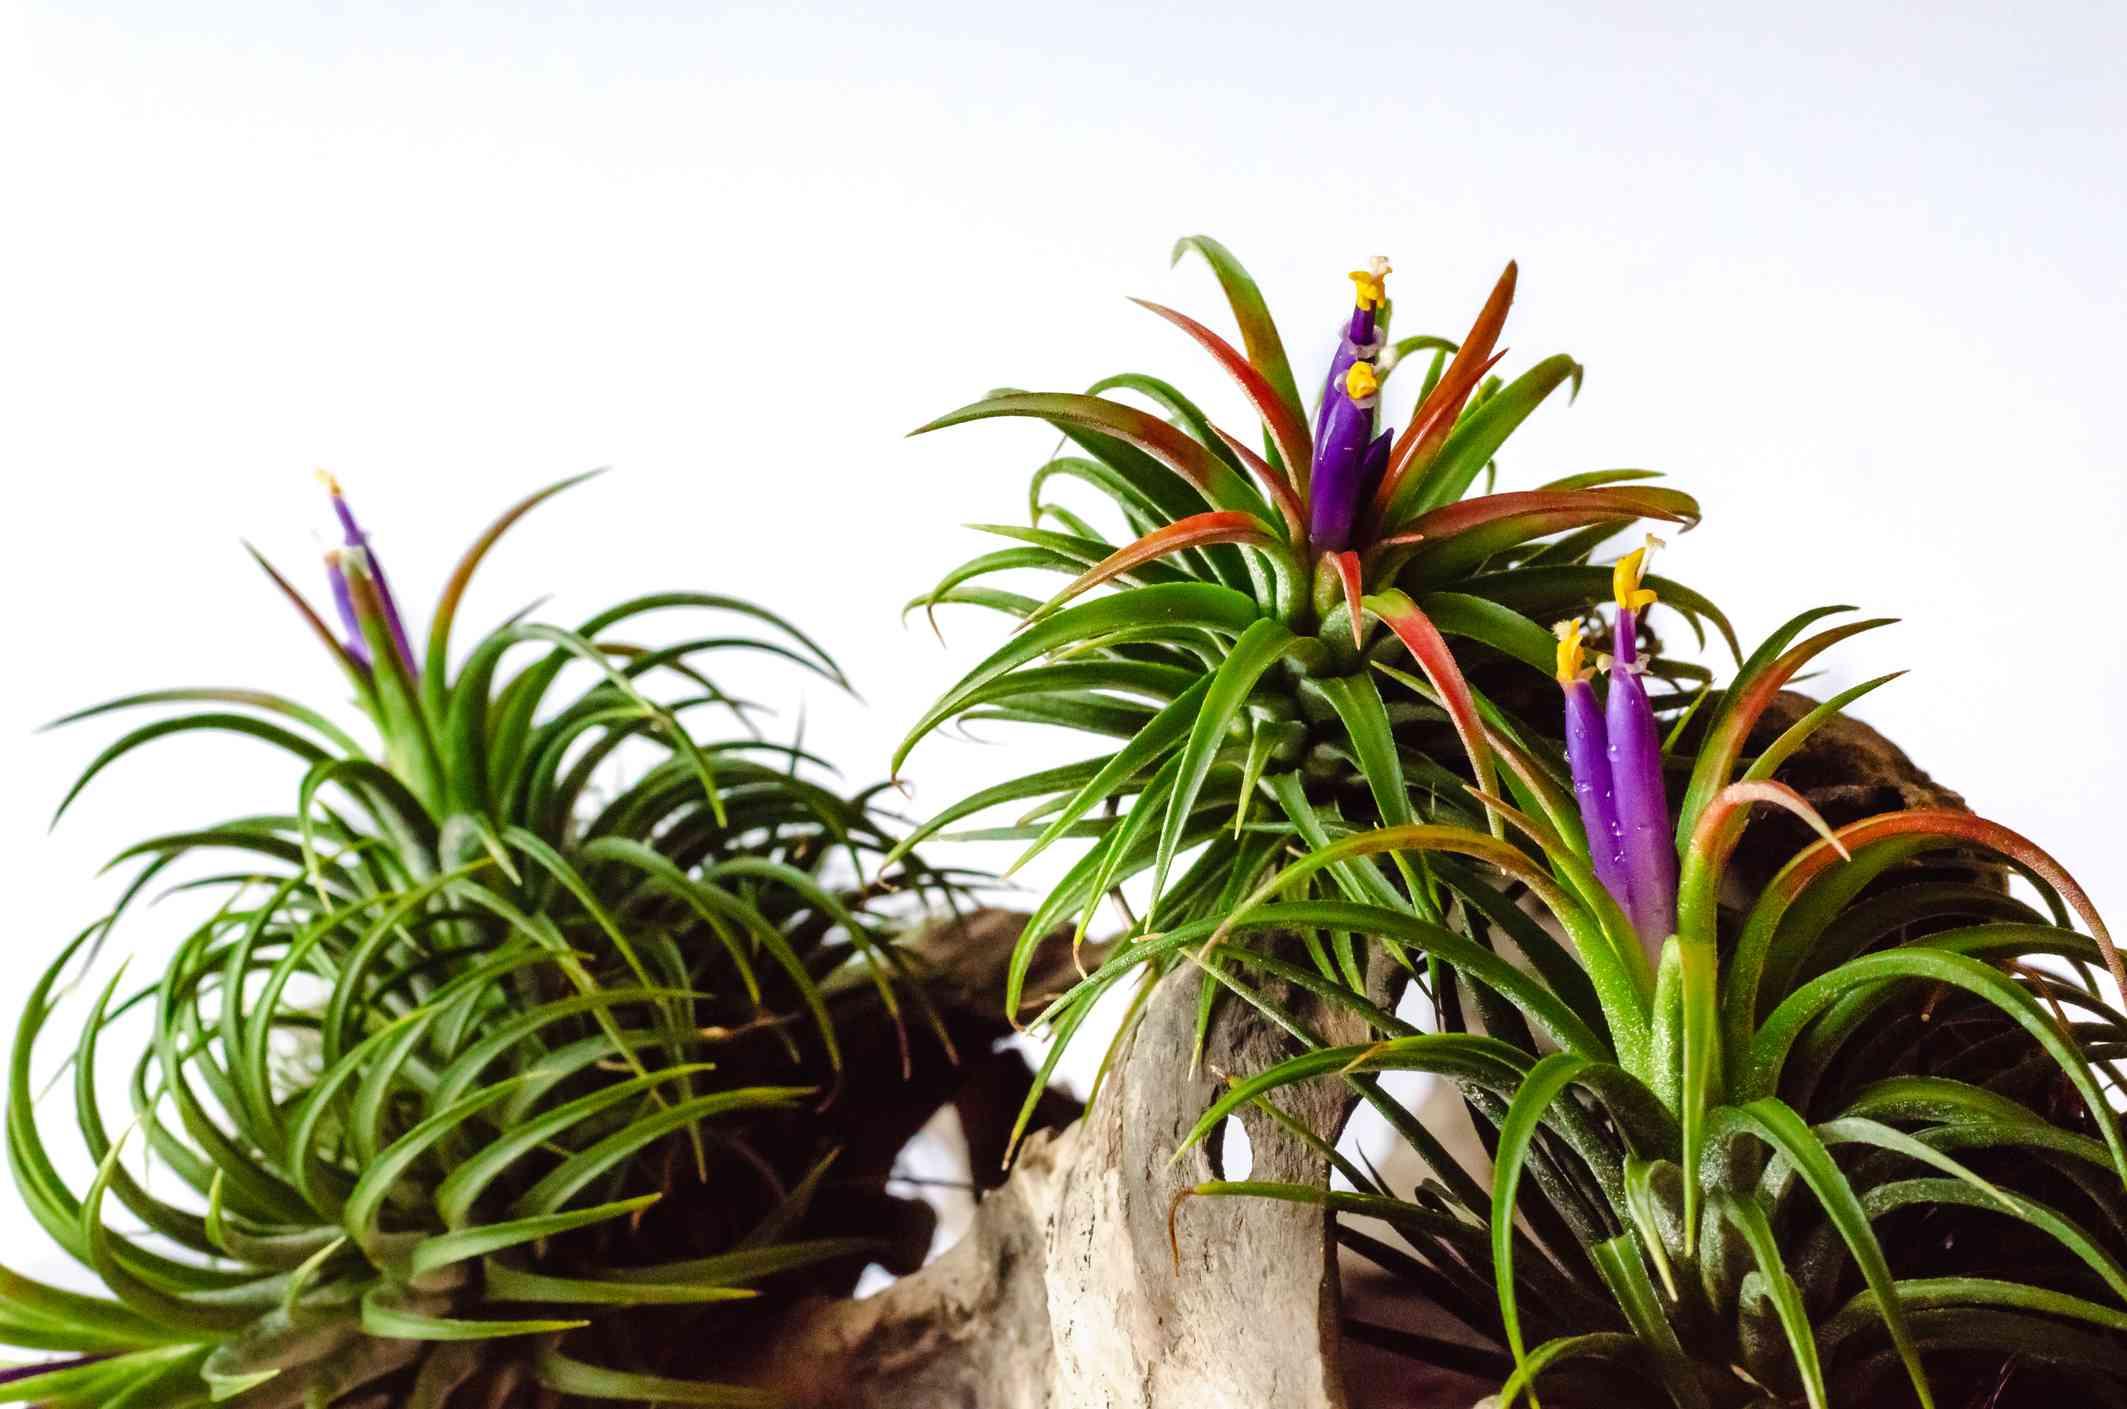 Tillandsia air plants blooming